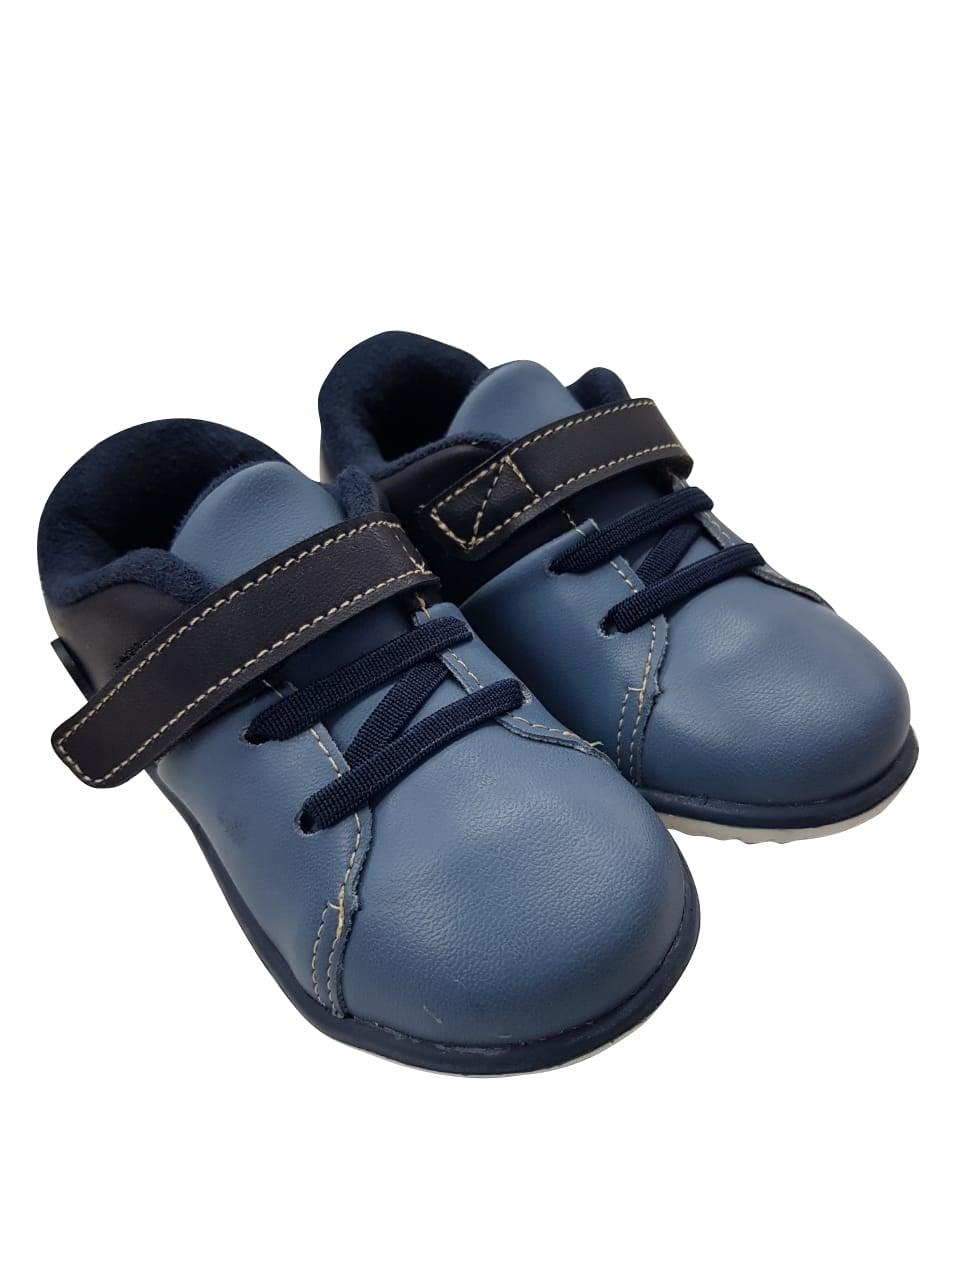 5541360df35 Tênis de Bebê Infantil Masculino Cravinho Casual Klin